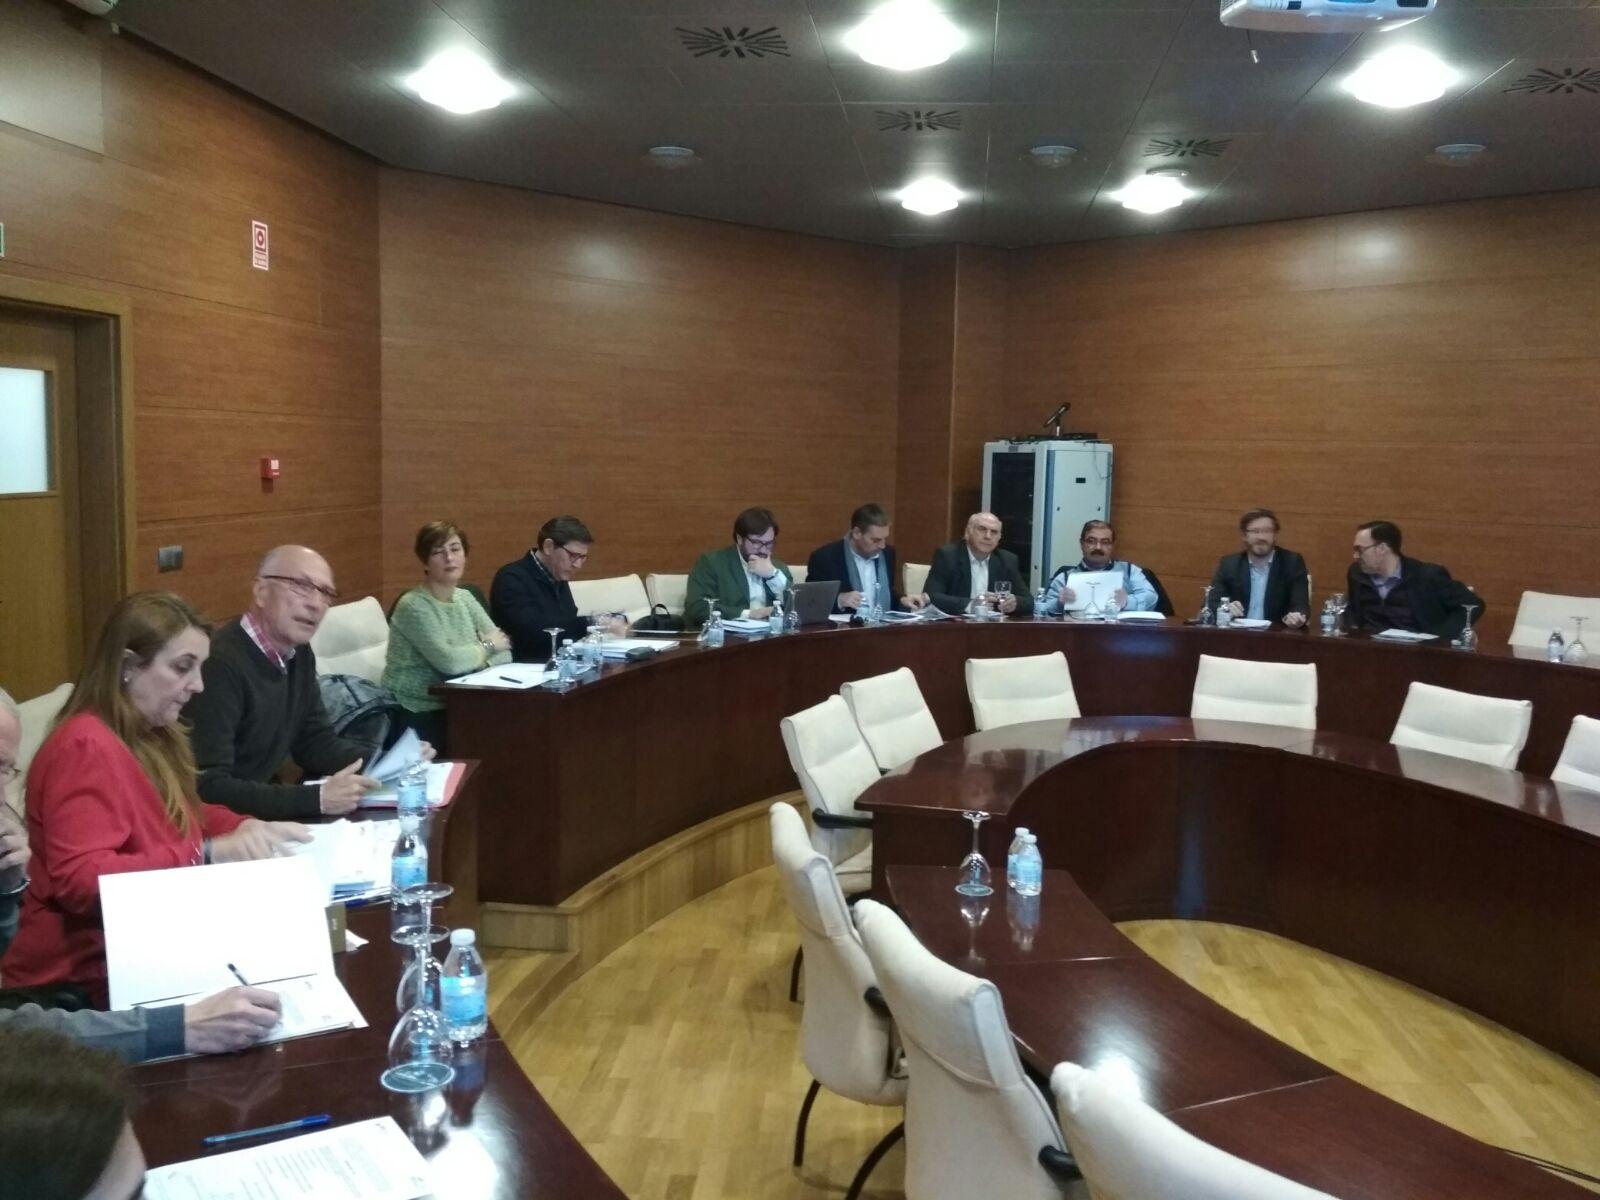 IFEJA consolida su liderazgo como dinamizador económico y social de la provincia de Jaén en la celeb